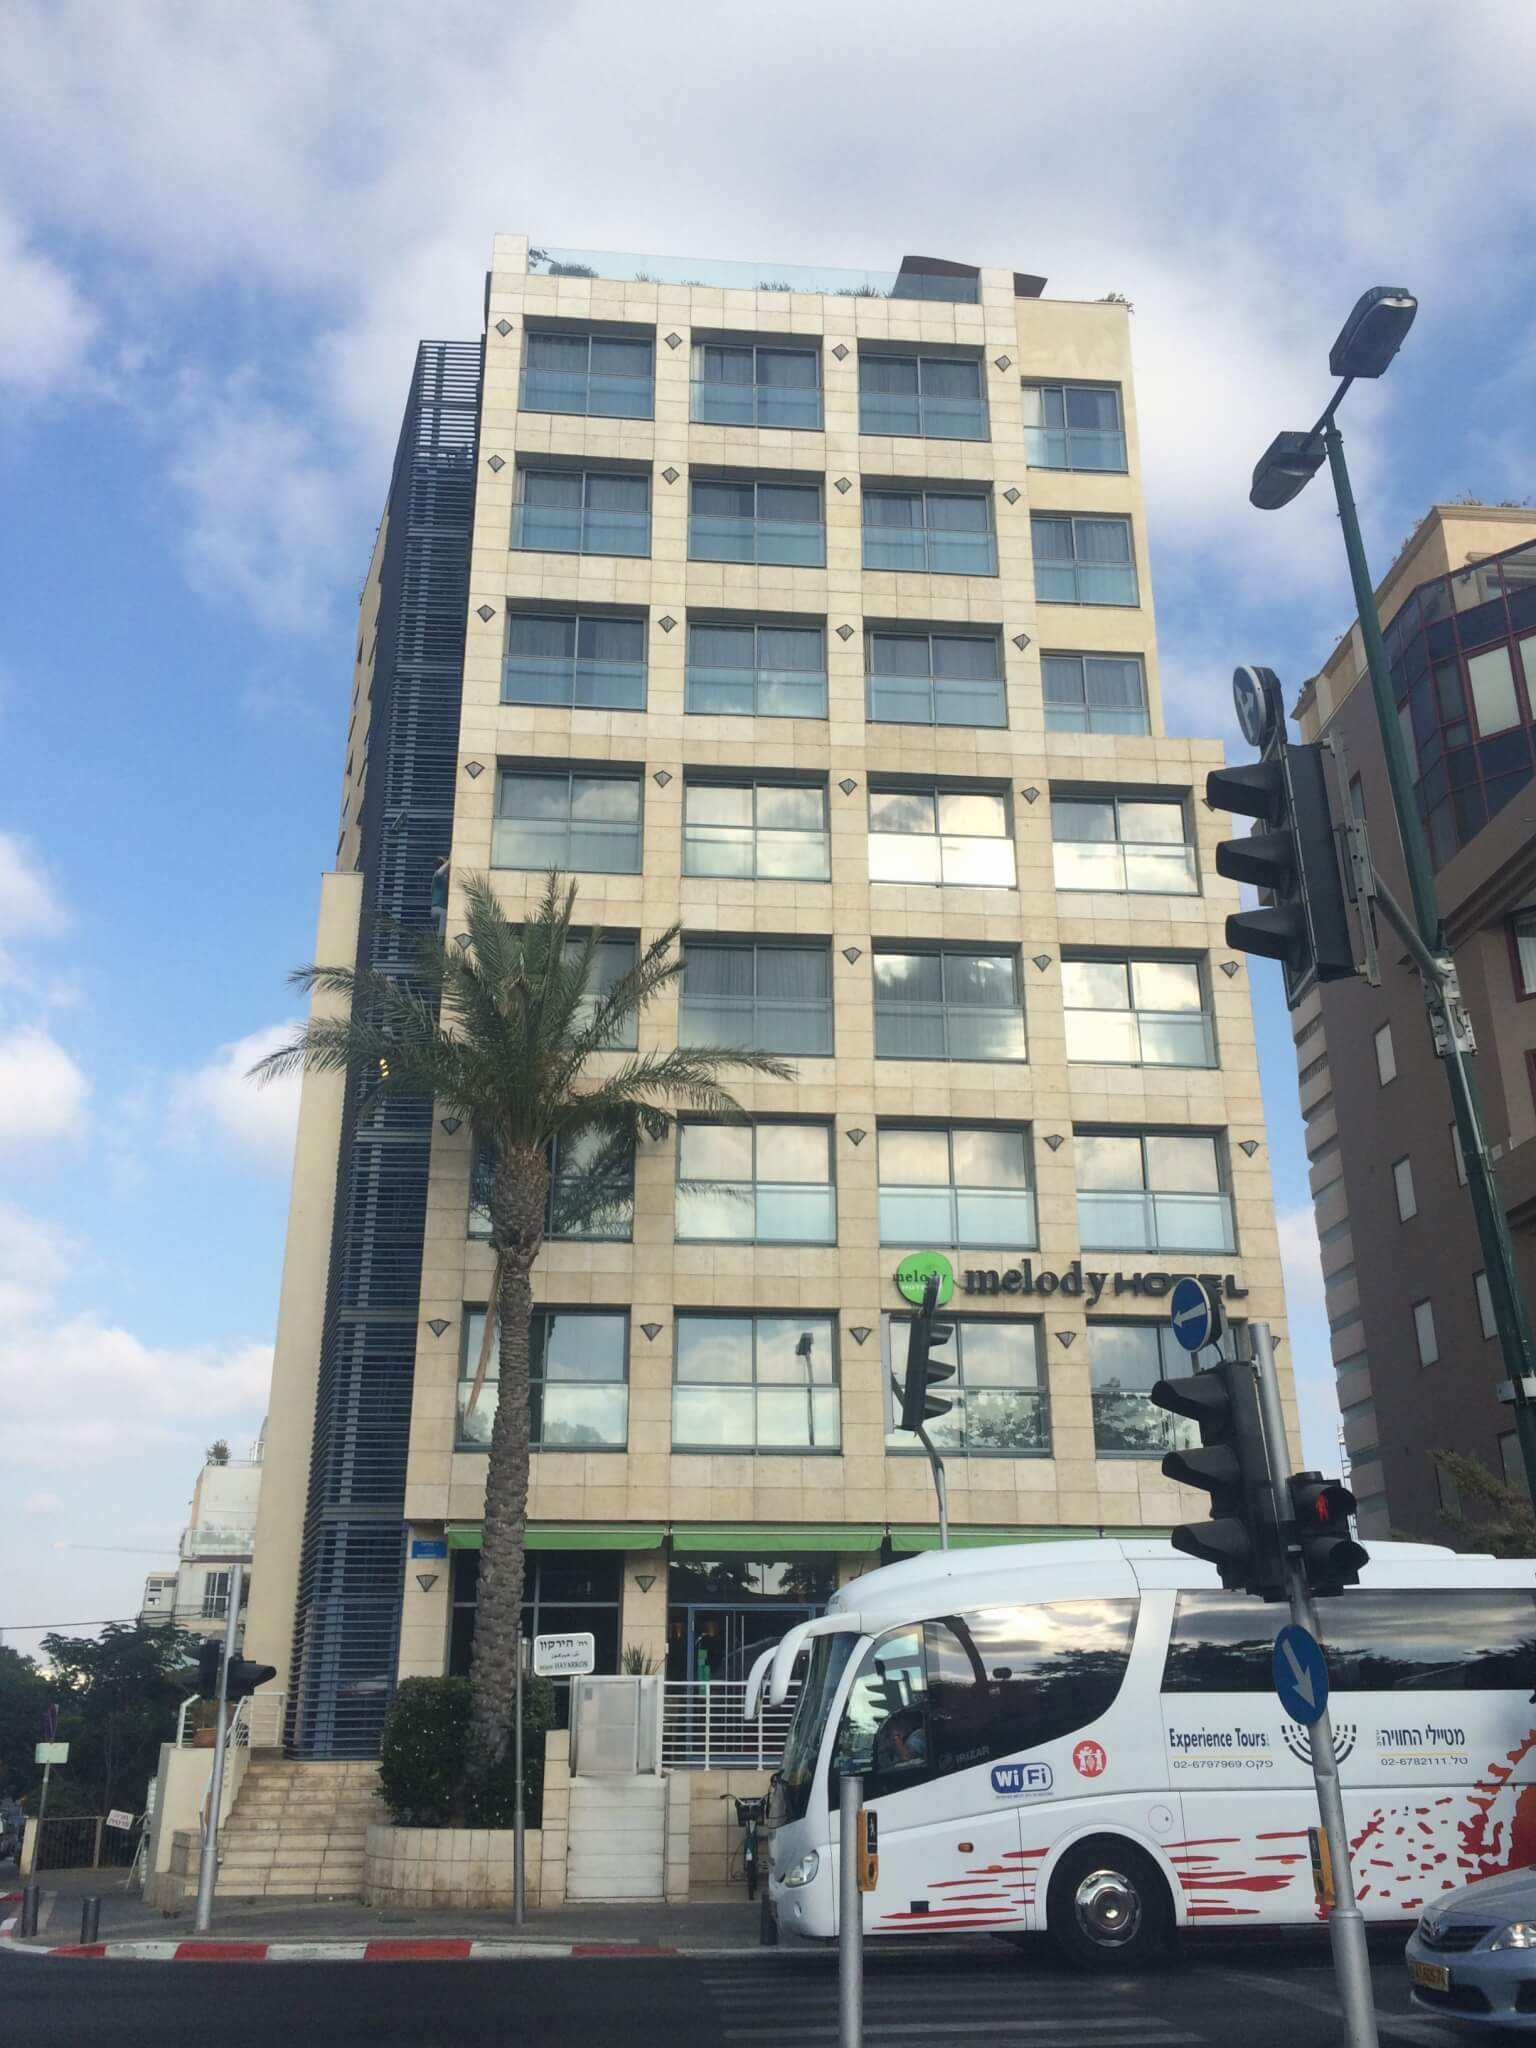 Hotel Melody, Tel Aviv